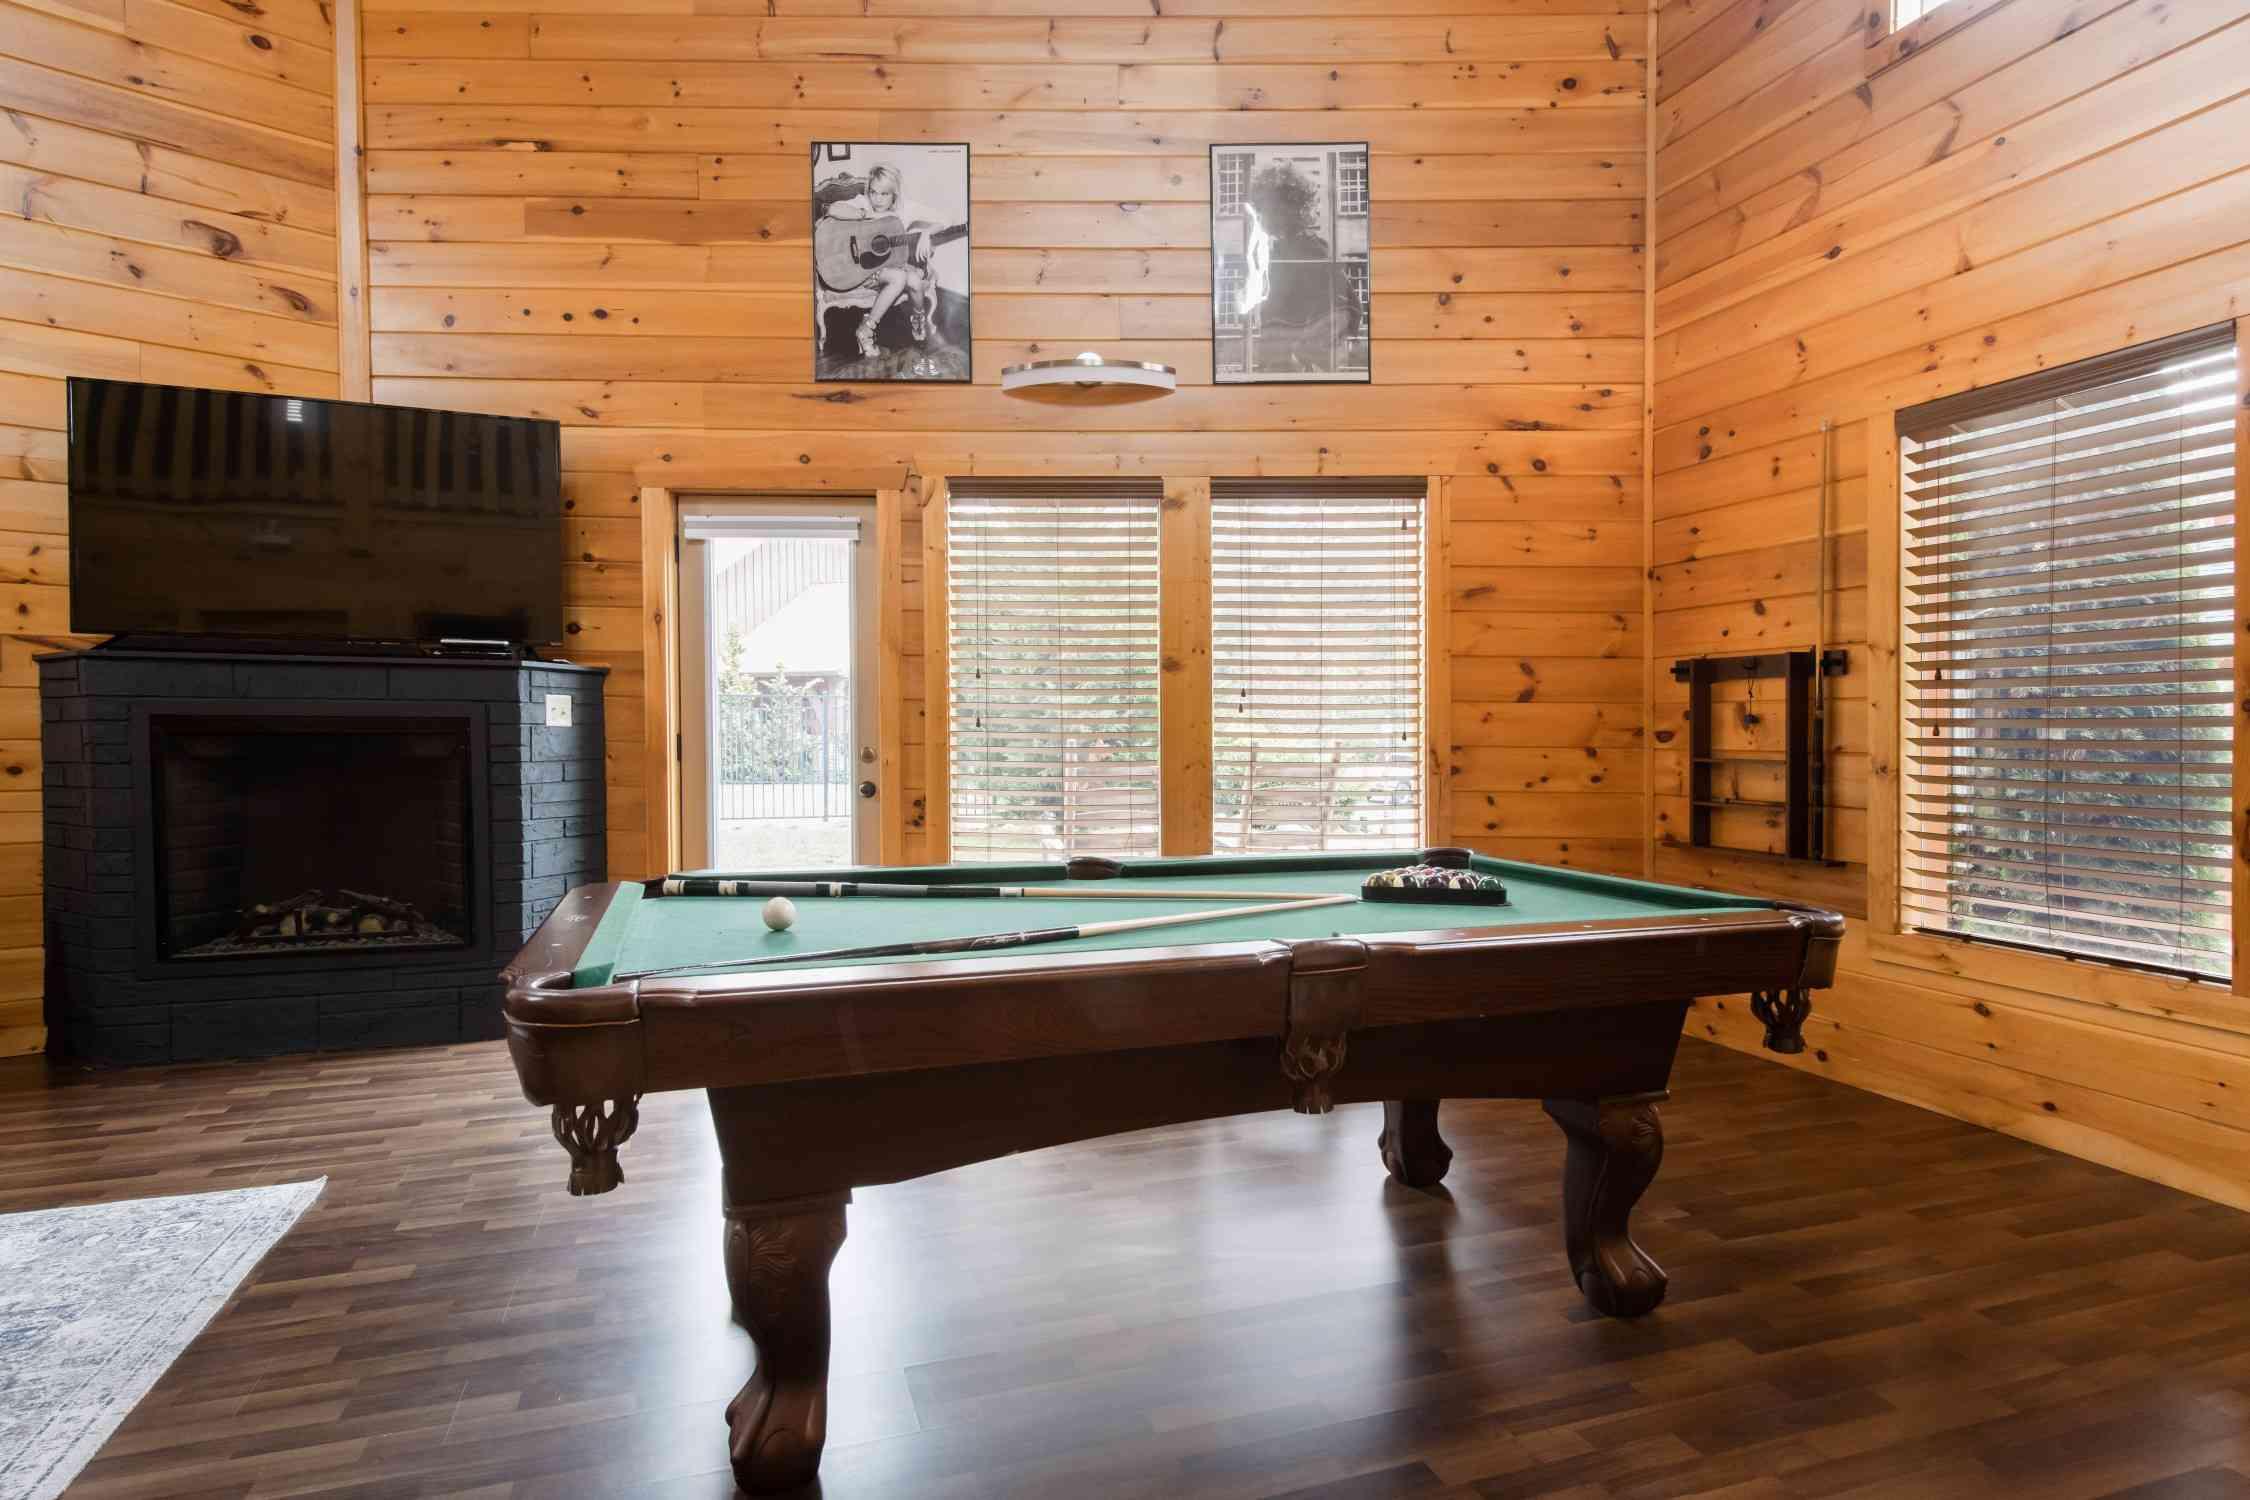 Cabaña moderna de madera con piscina cerca de Dollywood